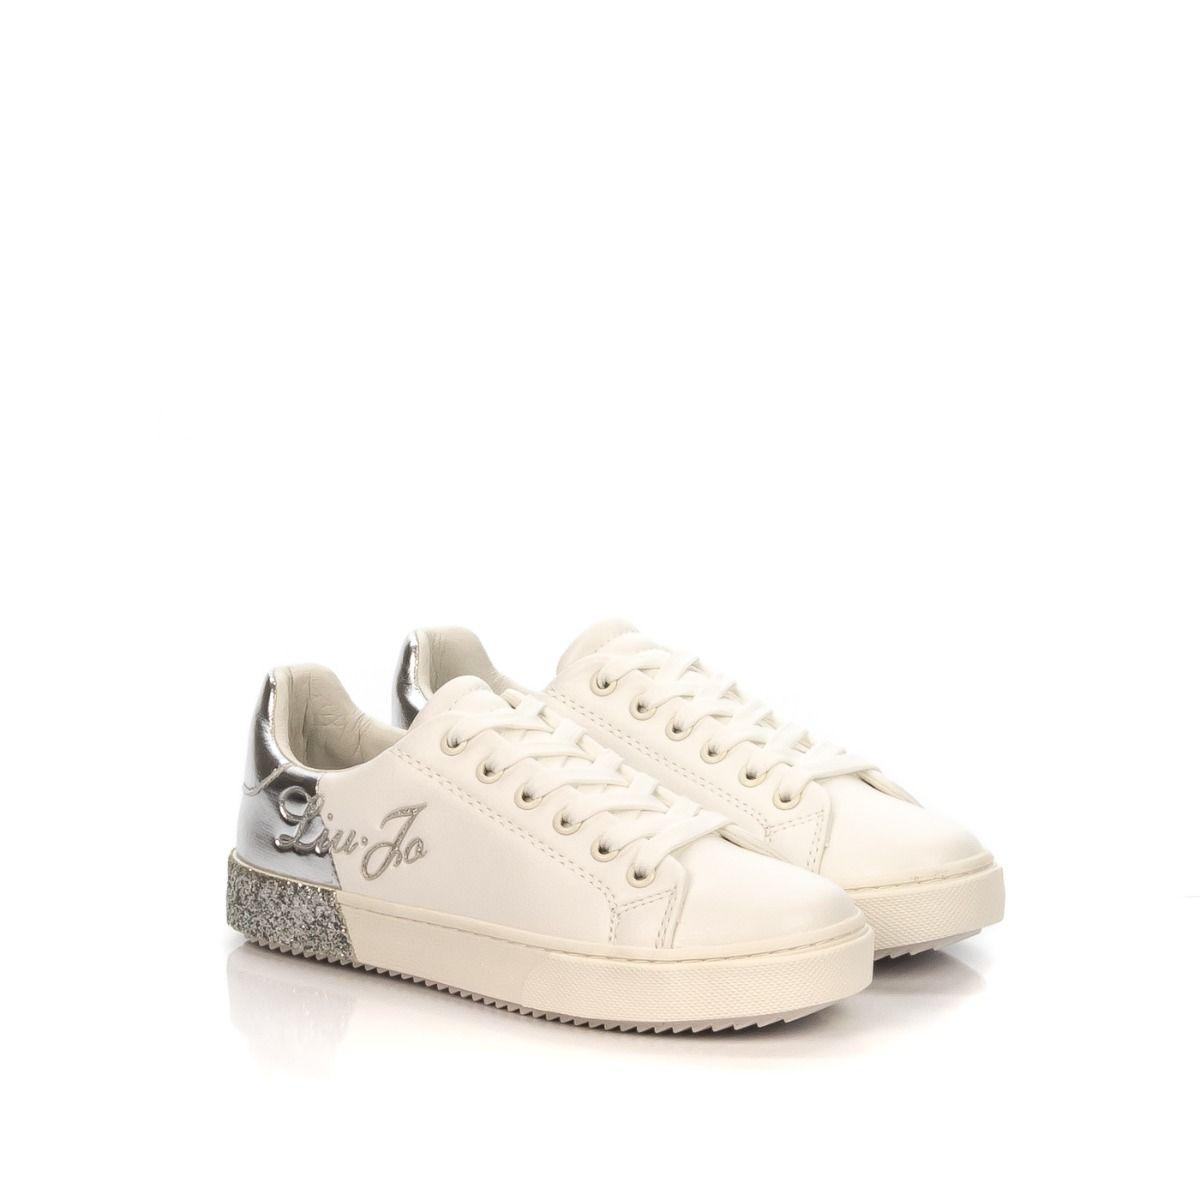 electo motor Crudo  Sneakers bambina|LIU JO GIRL 00060 bianco-argento|Spedizione gratuita su  ordini superiori a € 79,00|Shop online|Shoe Center